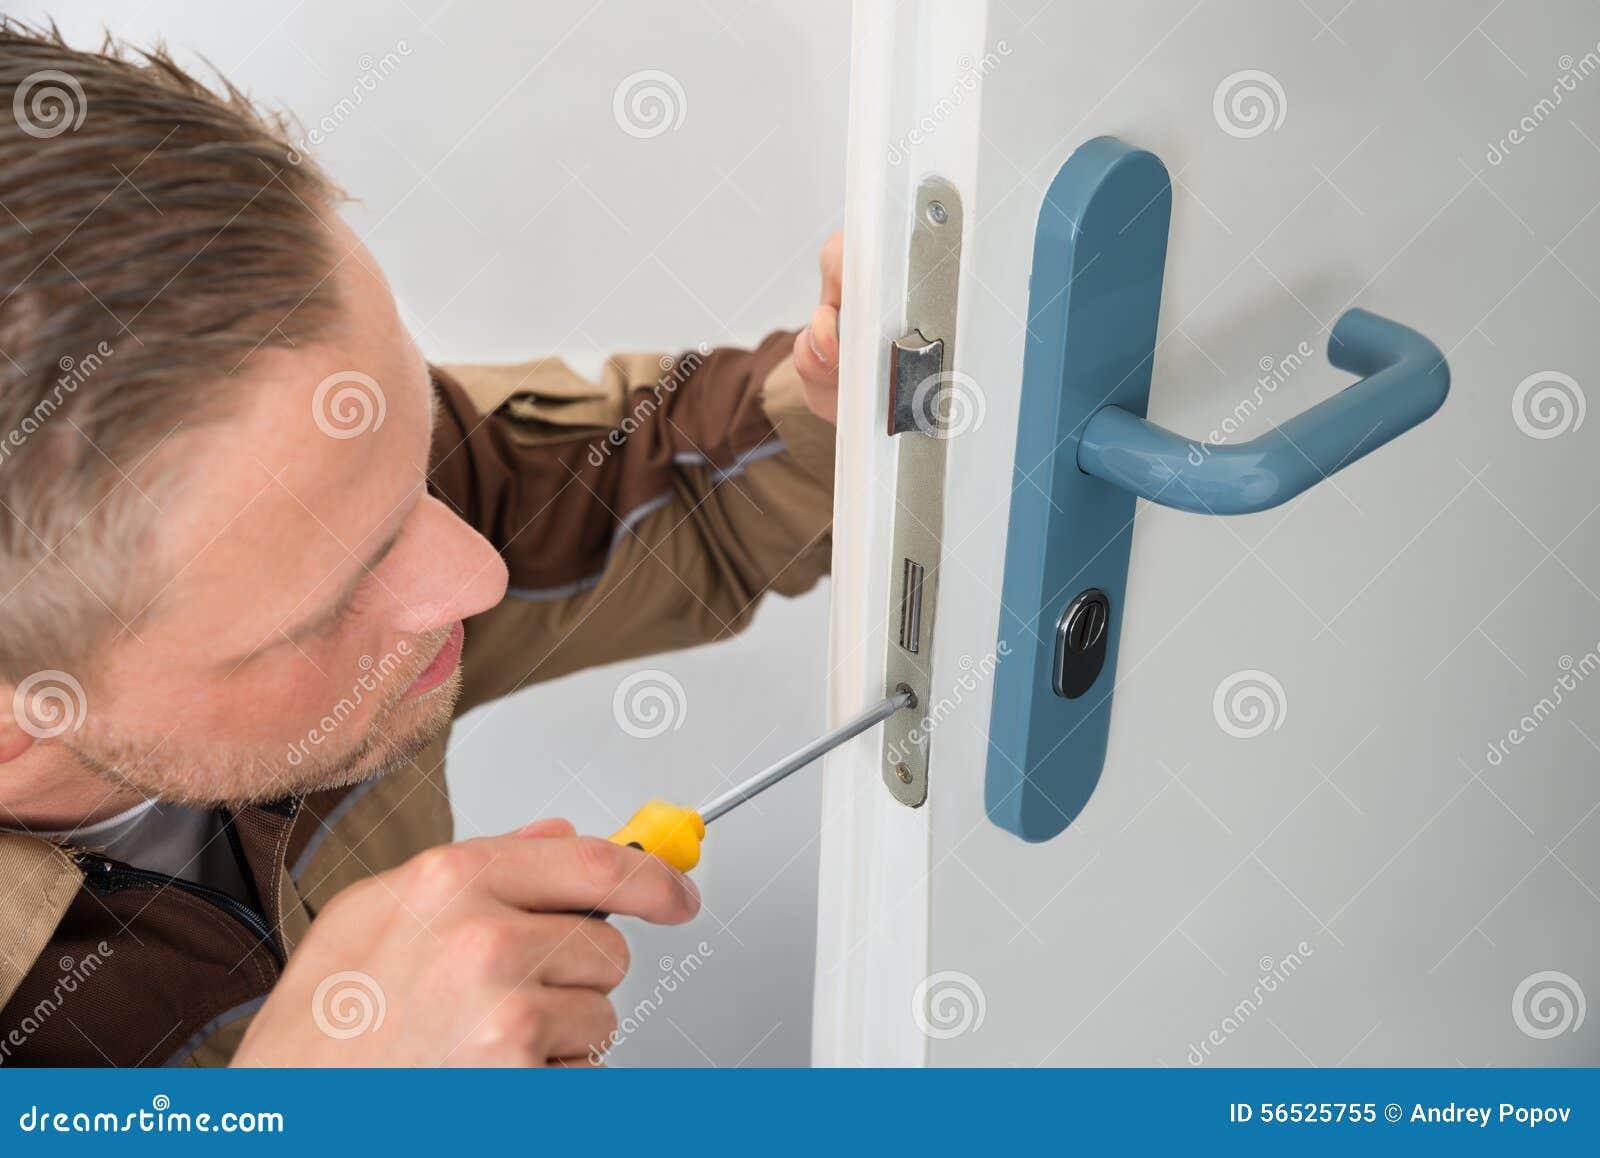 Carpentiere Repairing Door Lock